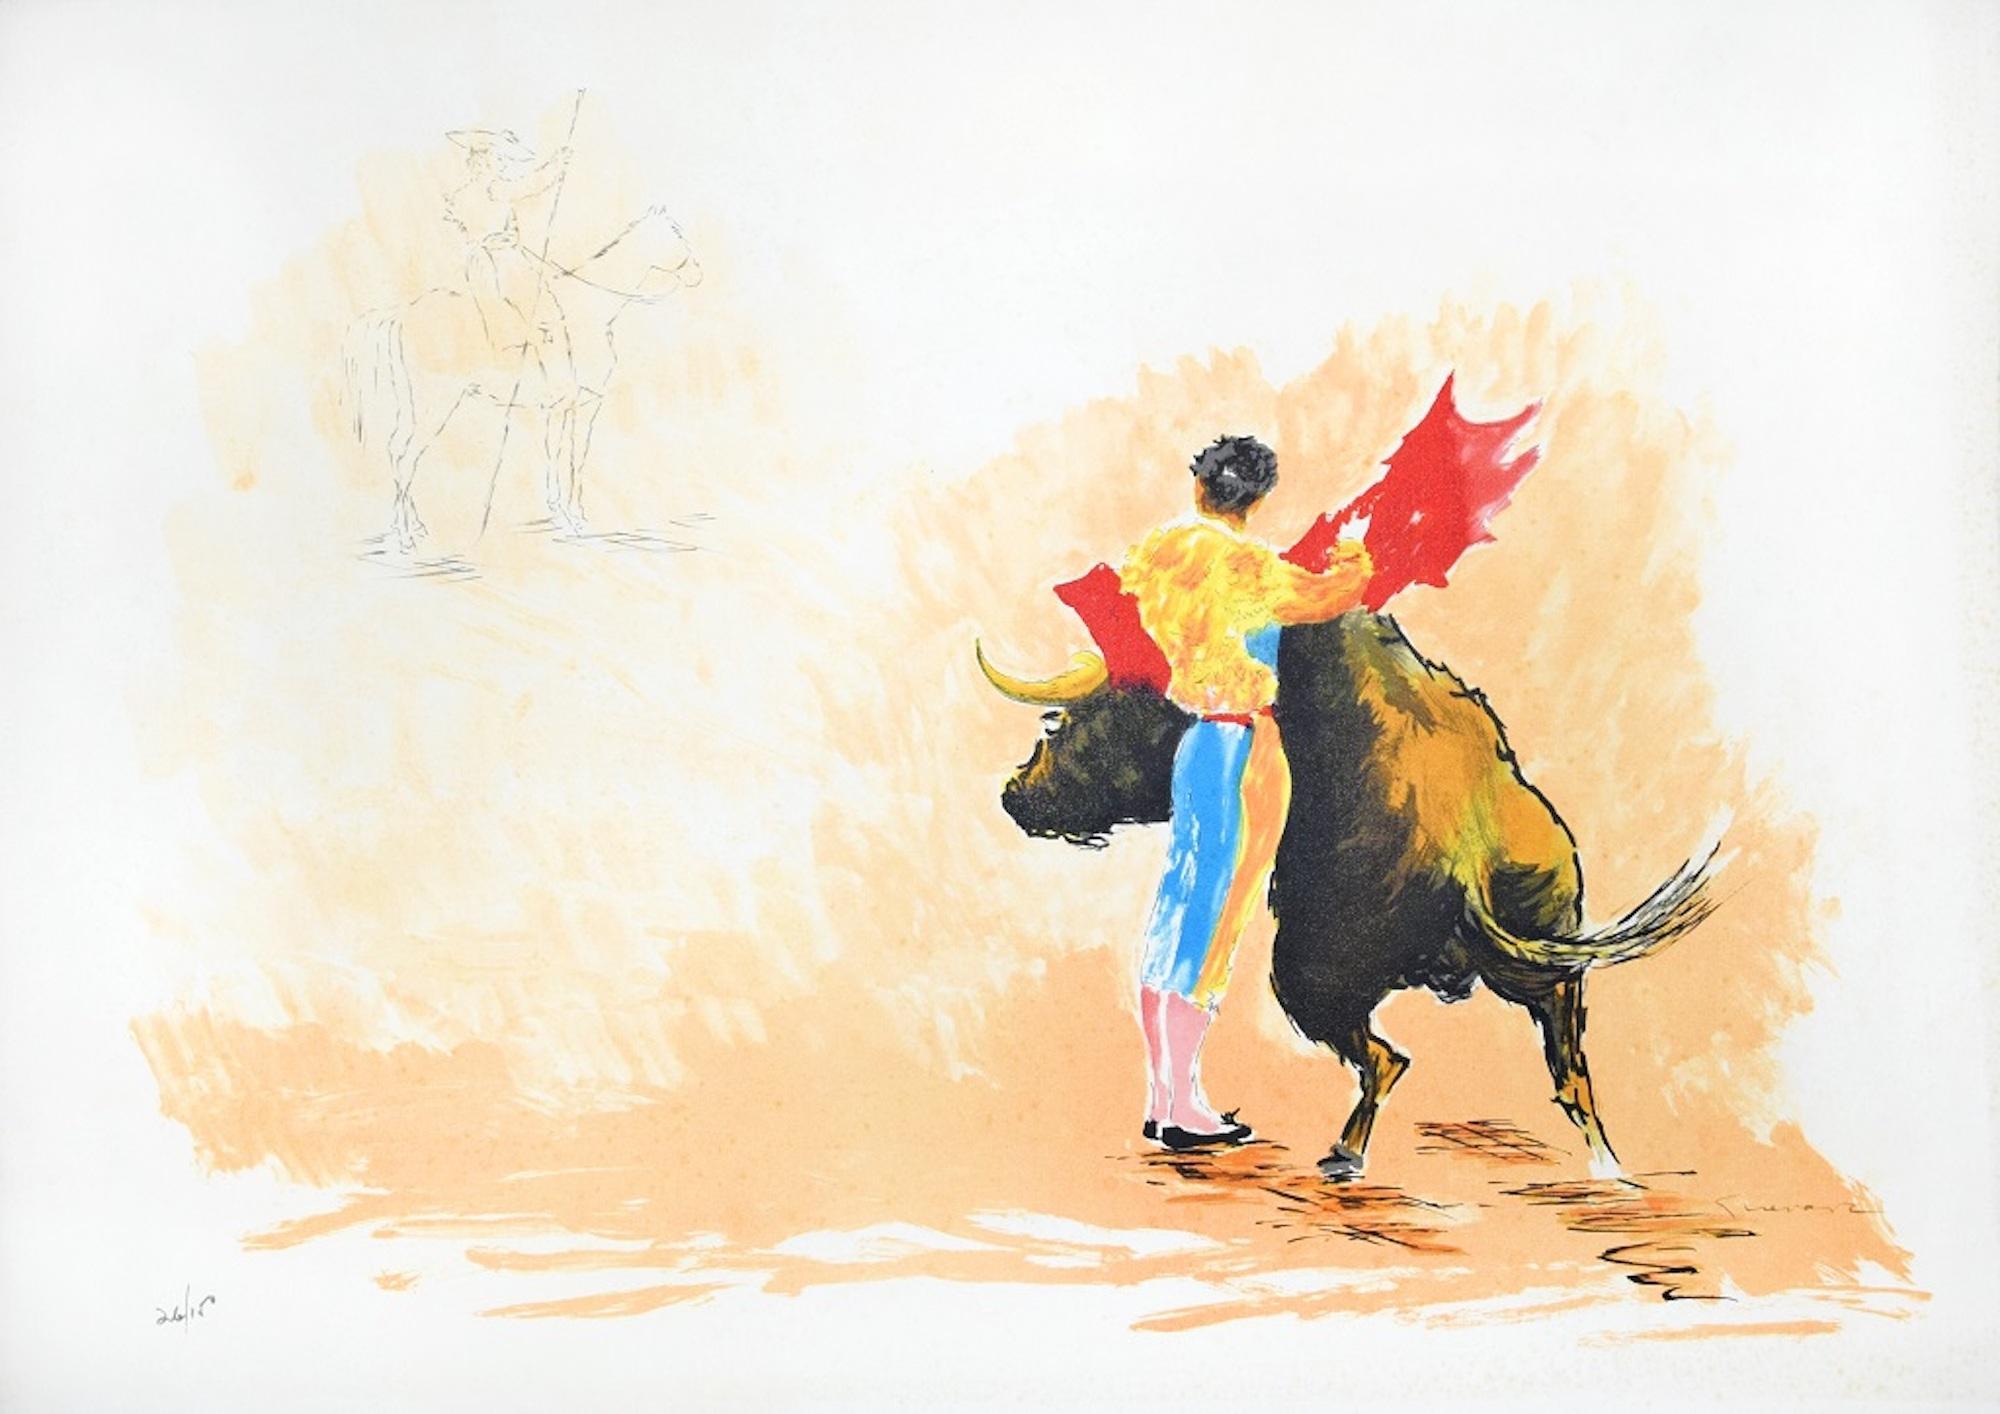 Corrida - Original Lithograph by José Guevara - 1990s